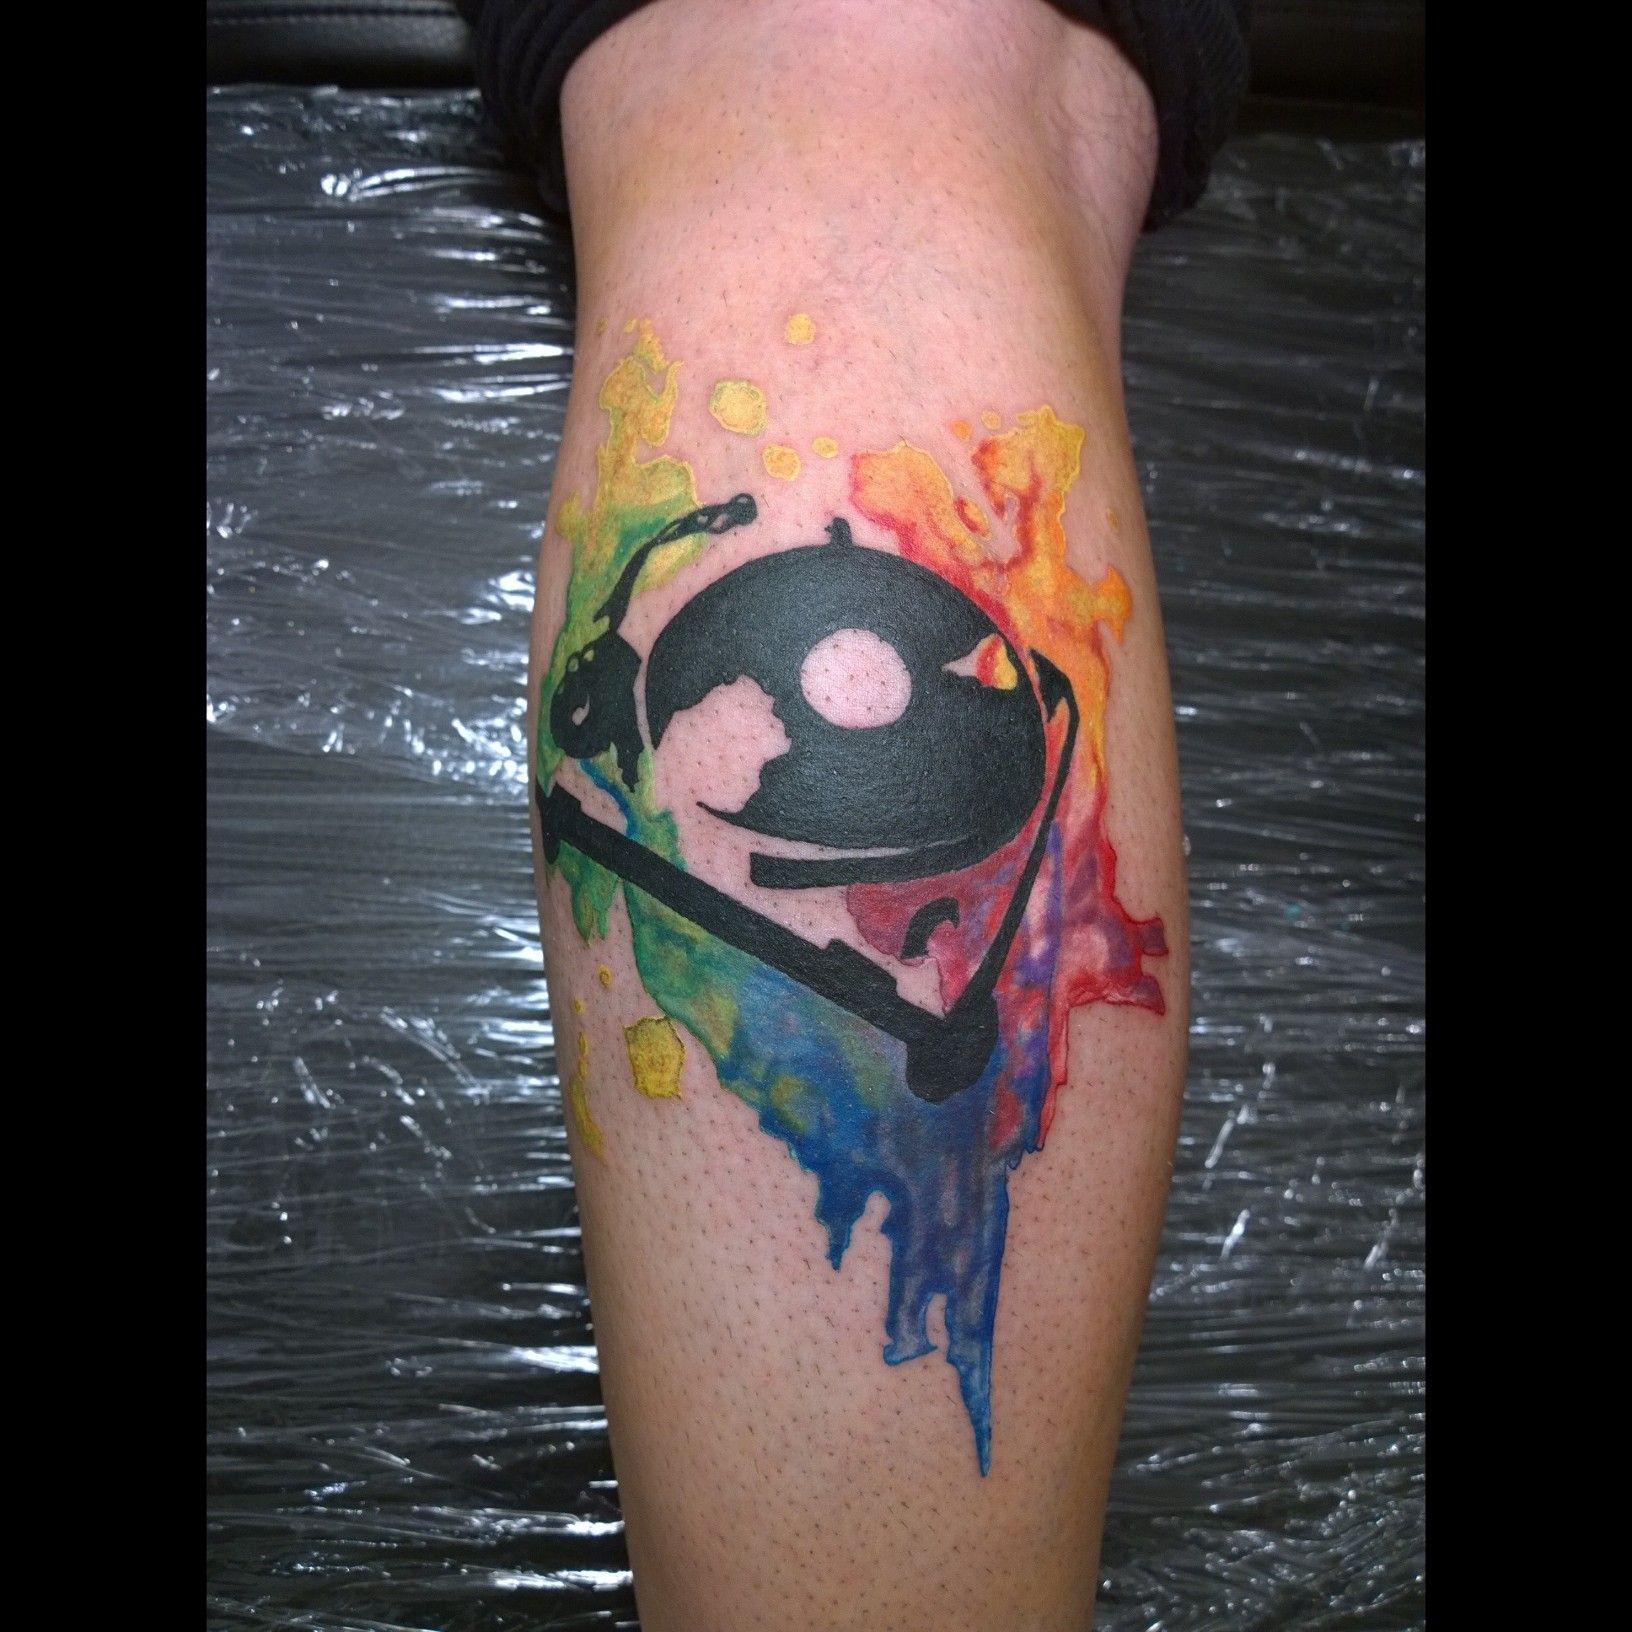 Turntable Tattoo Legtattoo Music Aqua Paint